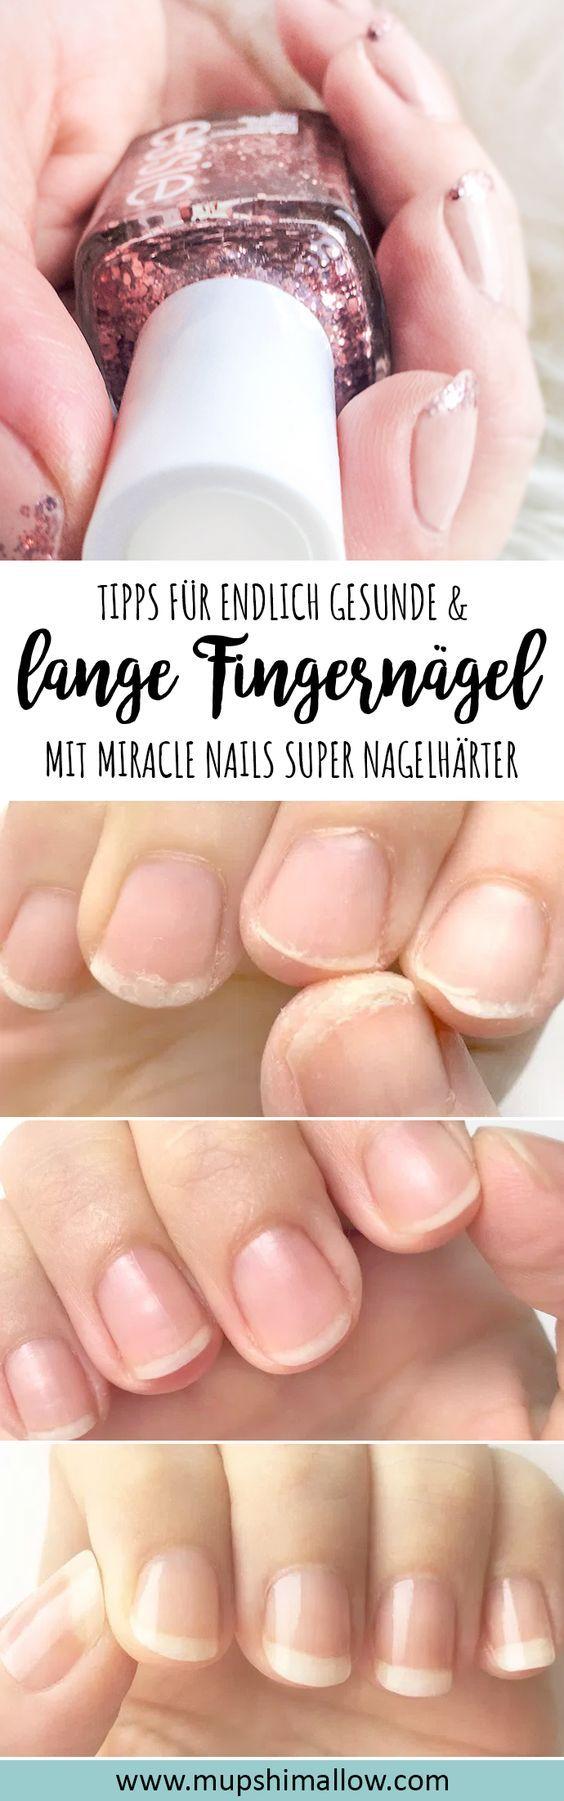 Endlich lange und gesunde Fingernägel - Miracle Nails Super ...